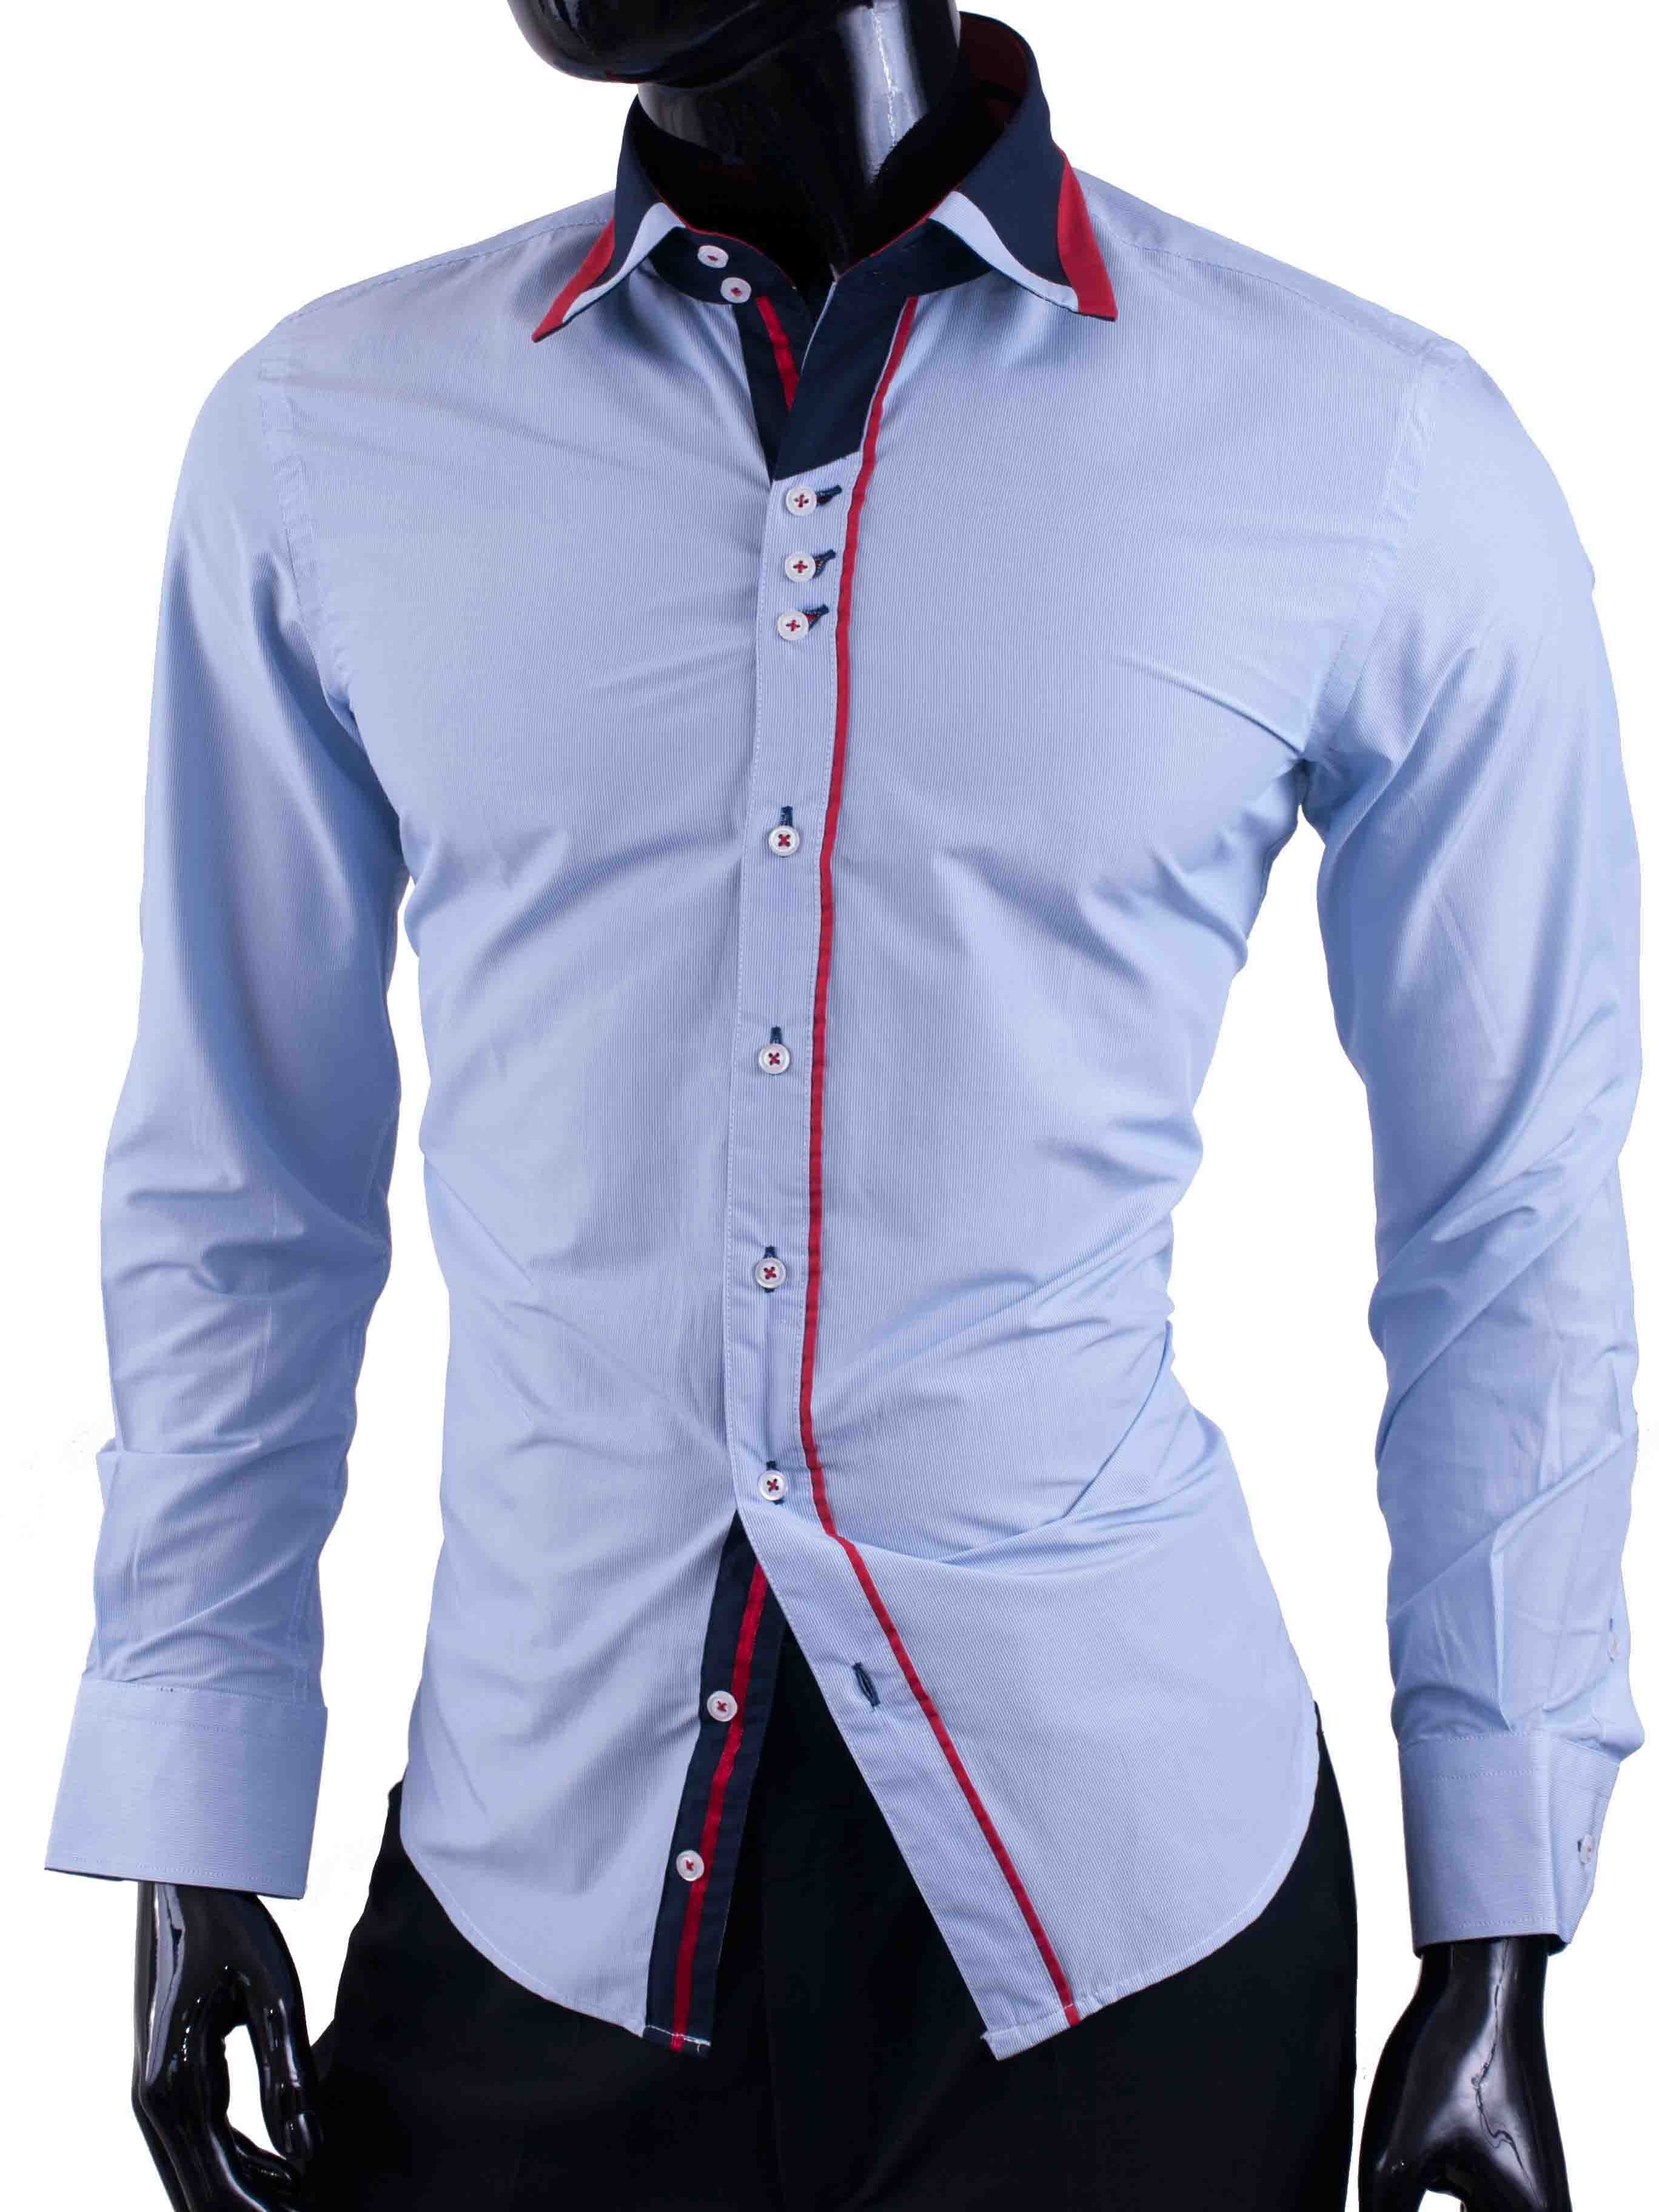 Pánské košile Egoman s velice jemnými modrými proužky